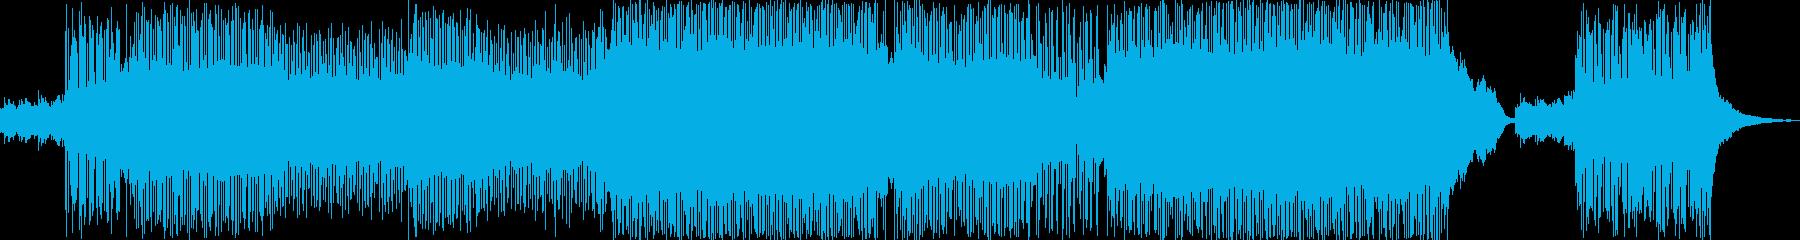 映画のエンドロールをイメージしたインストの再生済みの波形